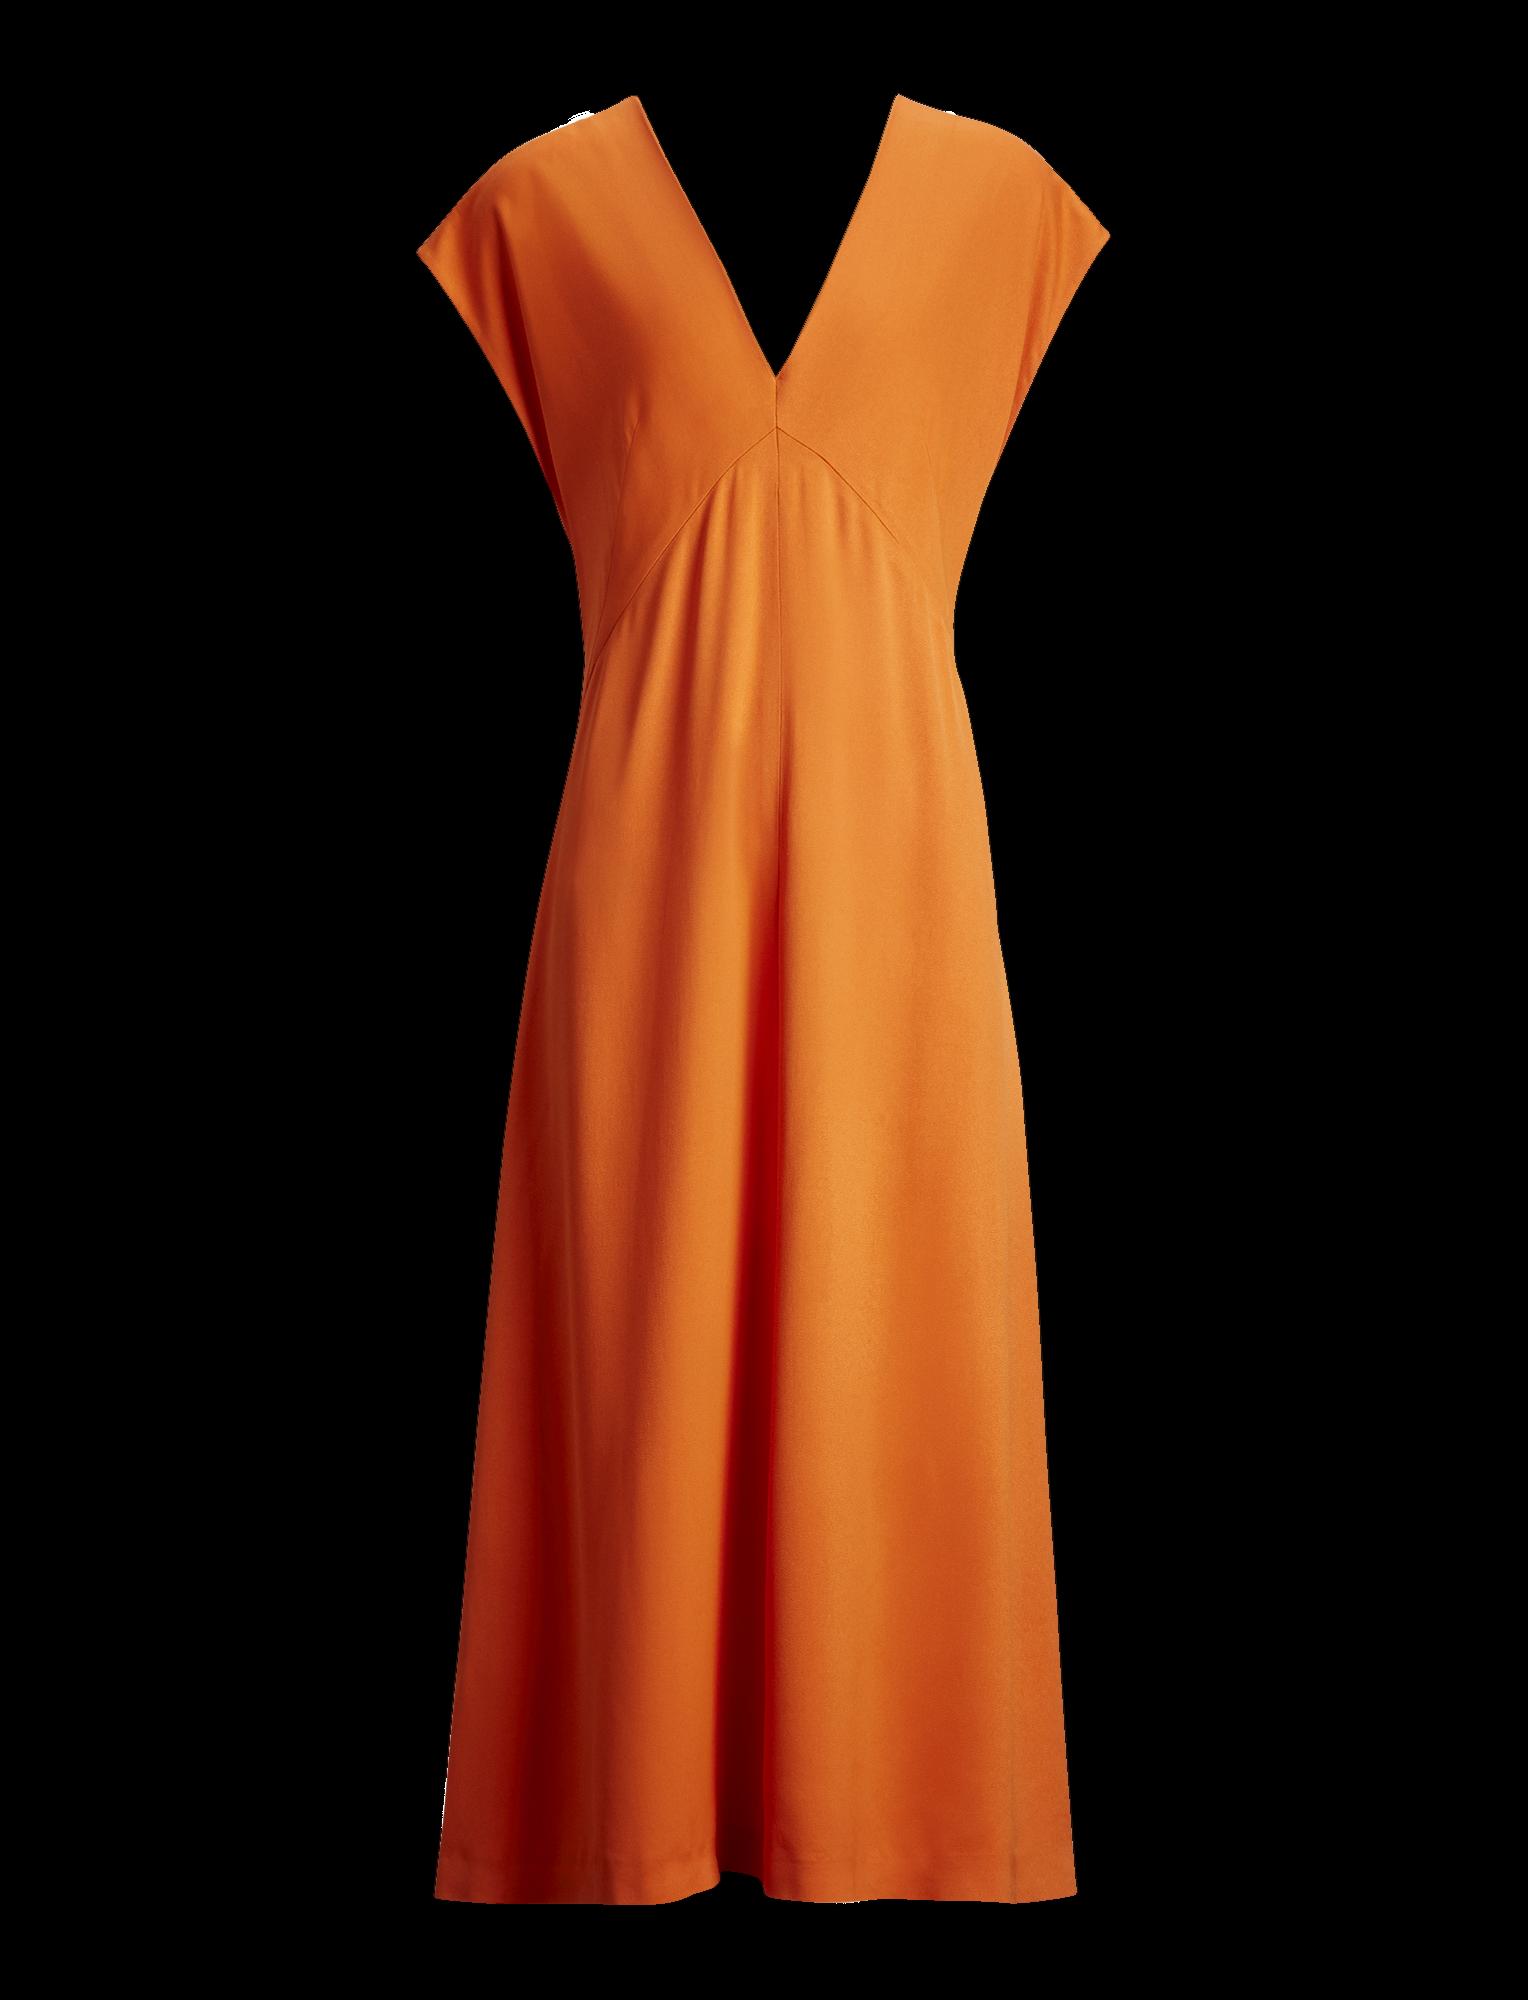 Joseph, Sienna Light Cady Dress, in CARNELIAN